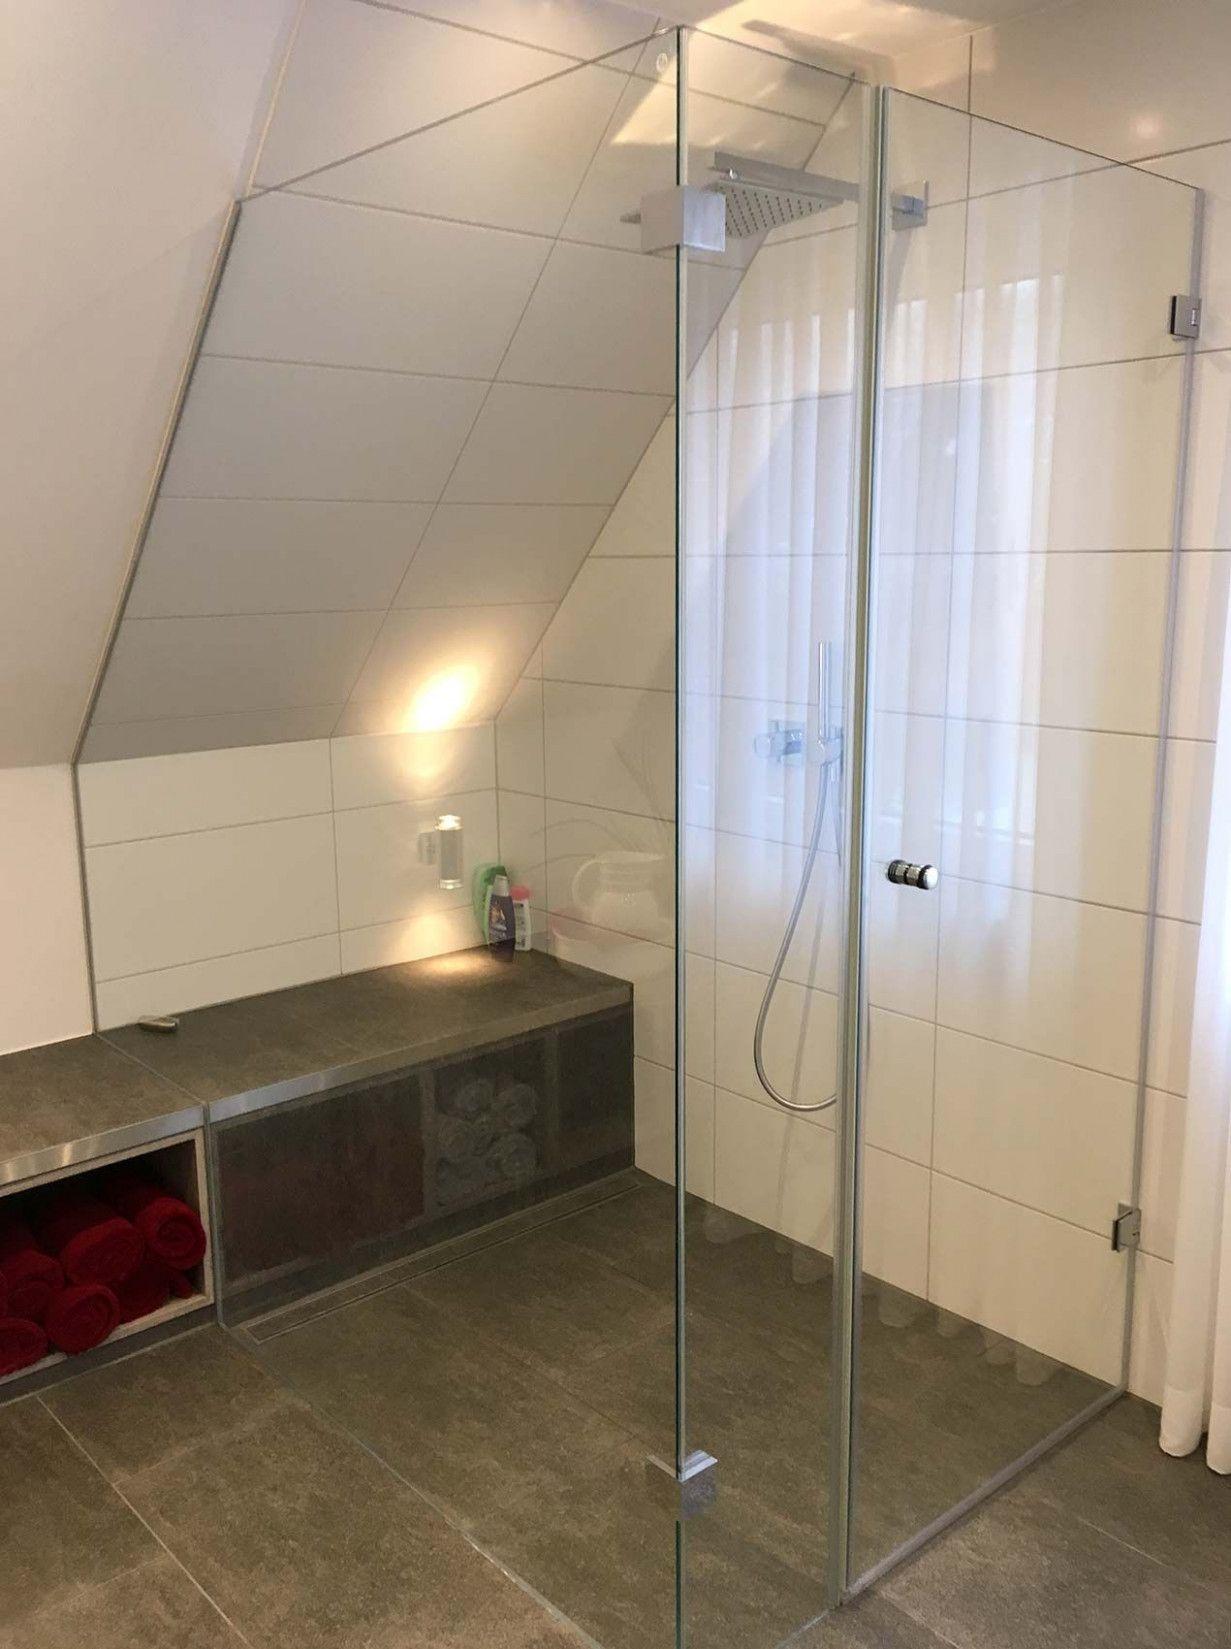 10 Rechts Schrank Unter Schrage In 2020 Ebenerdige Dusche Badezimmer Dachschrage Dusche